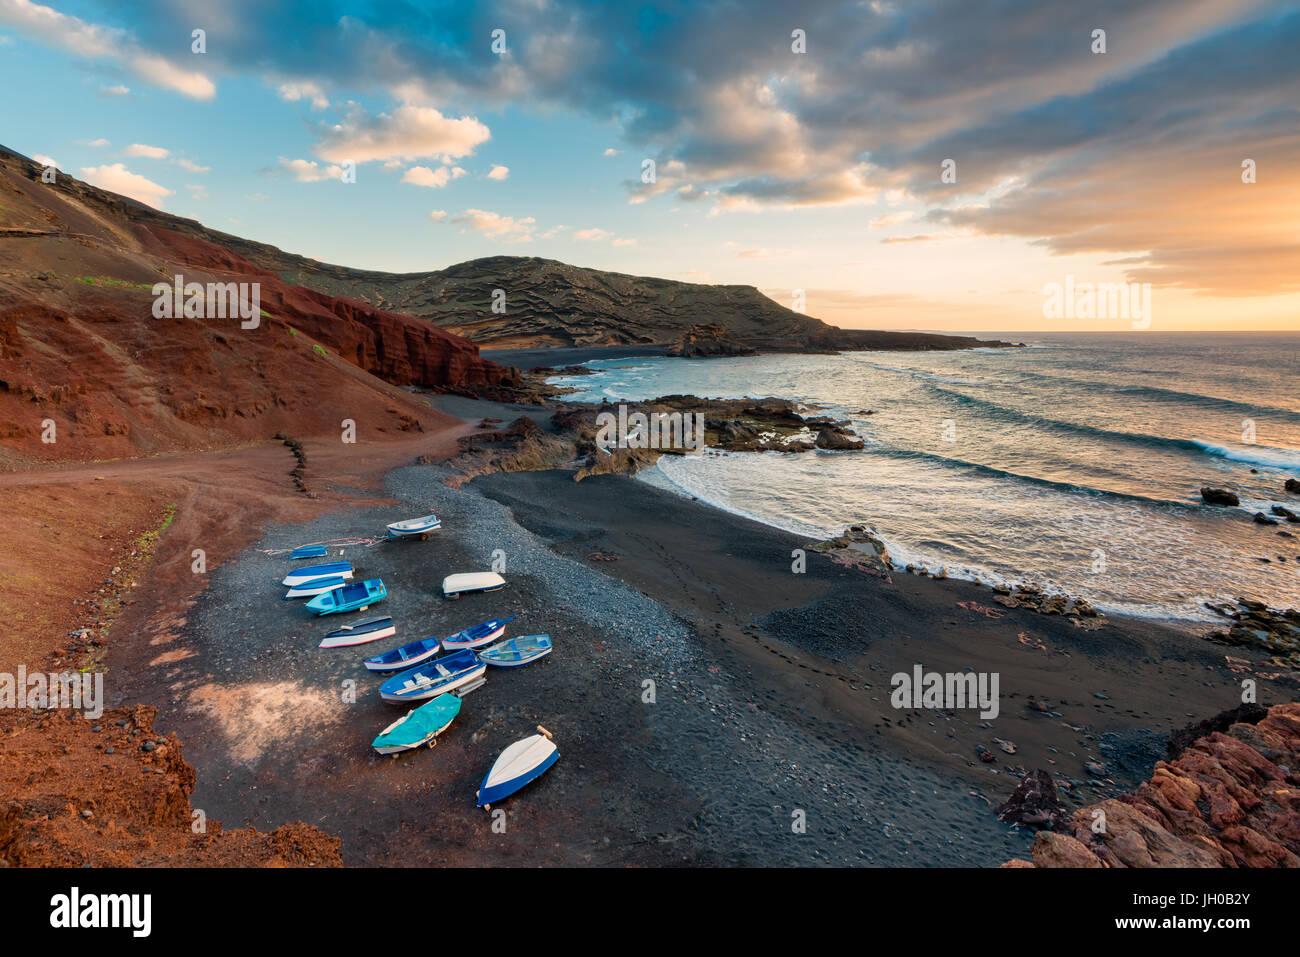 Playa volcánica en el Golfo, Lanzarote, Islas Canarias, España al atardecer Imagen De Stock